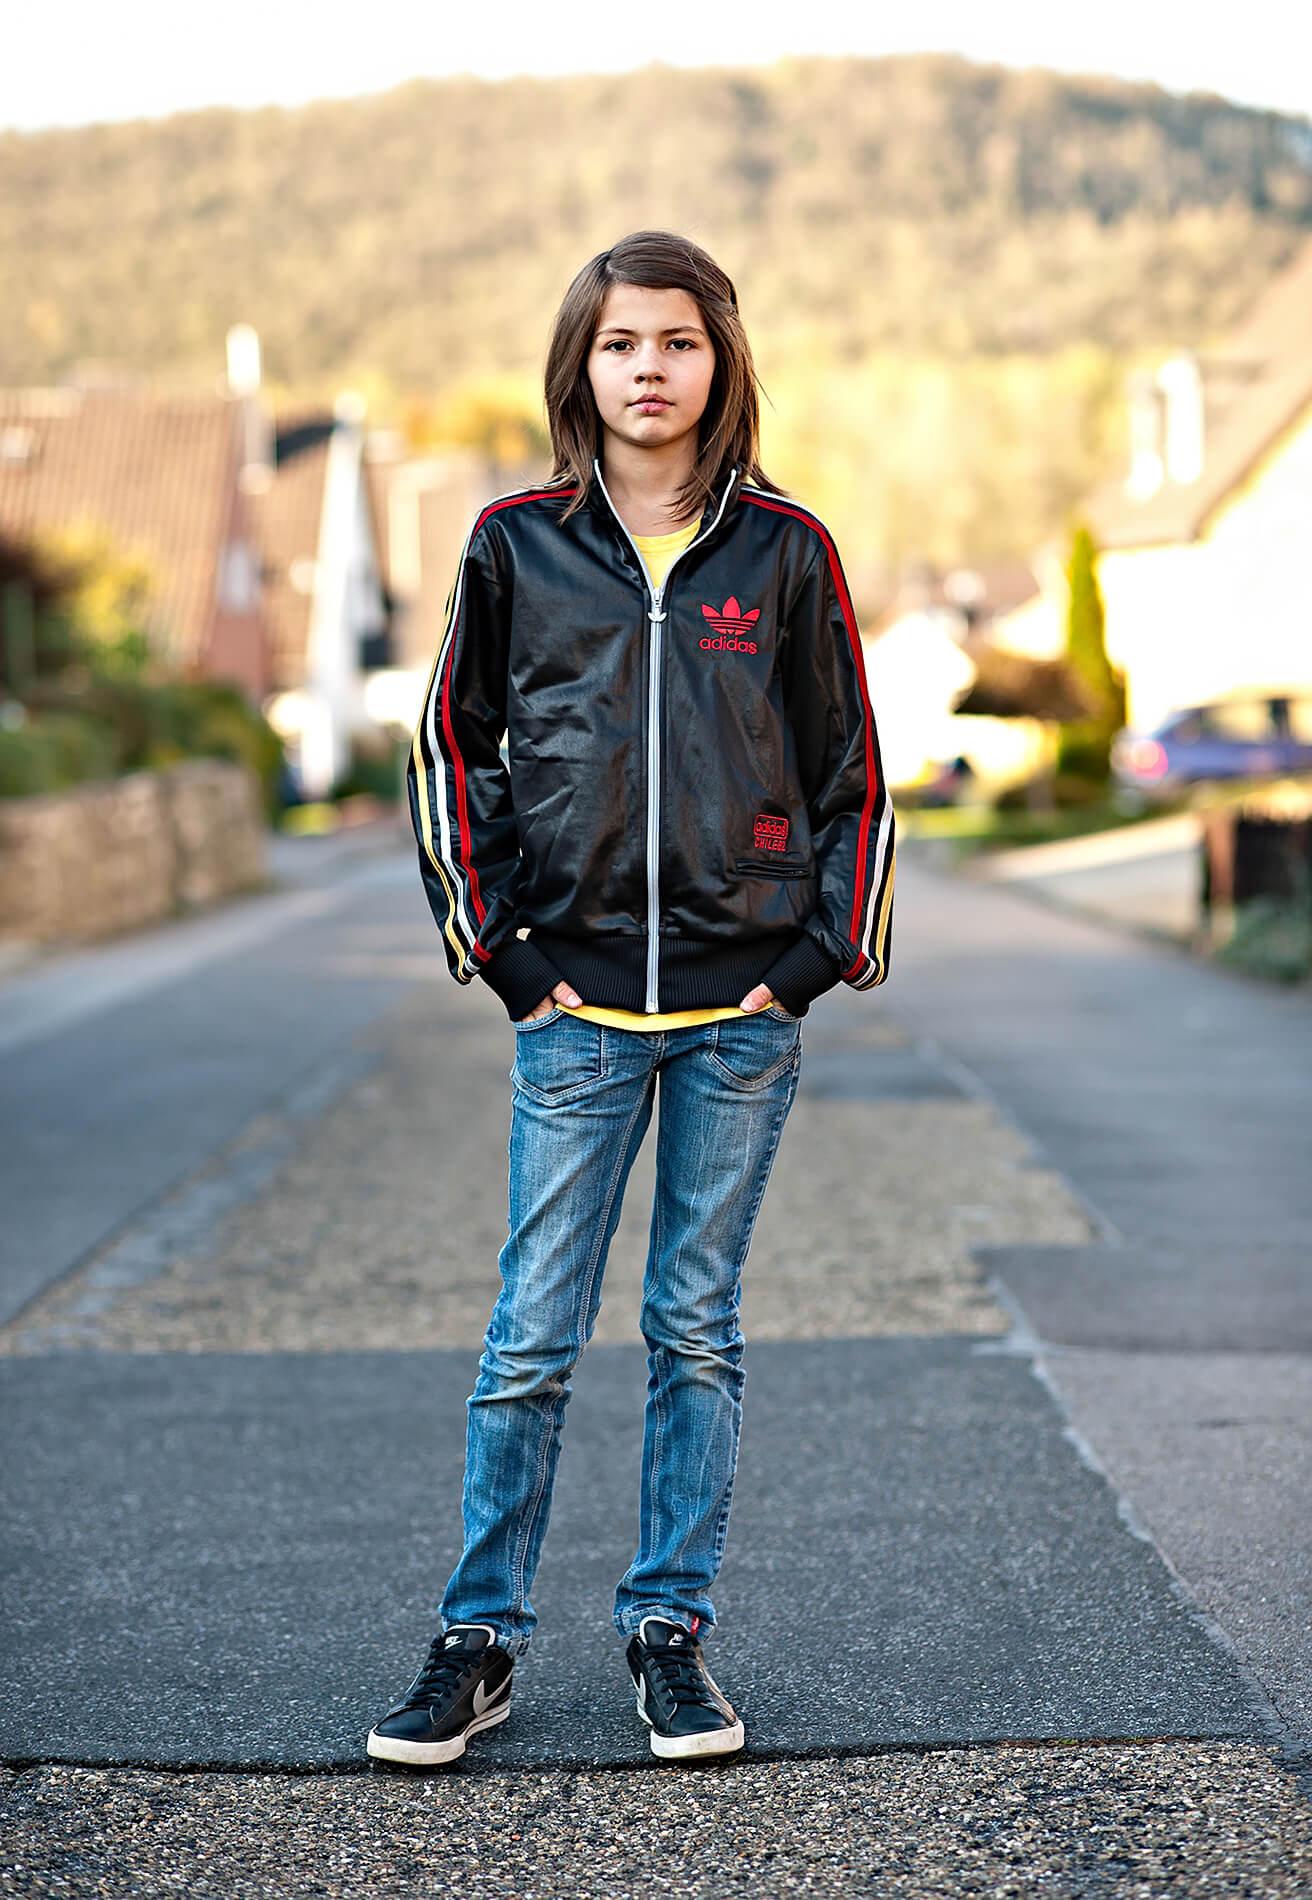 Suburban teen